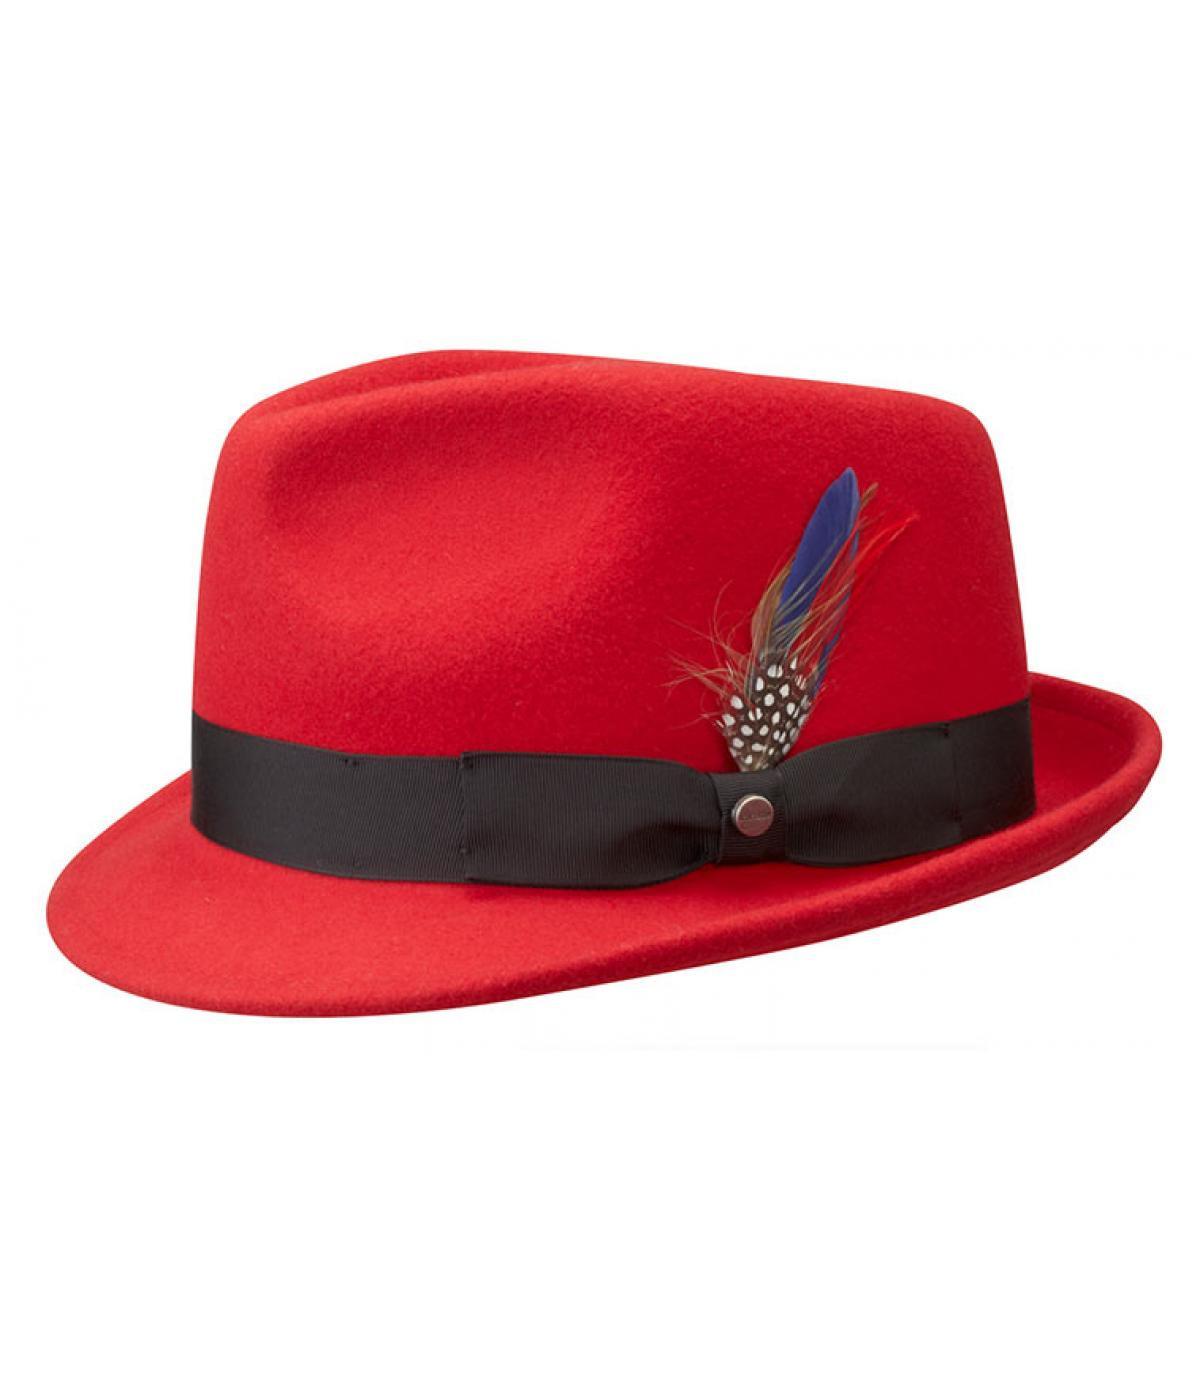 ba2810e99e2f1 ... Los hombres del sombrero rojo - Boston richmond red Stetson imagen 2 ...